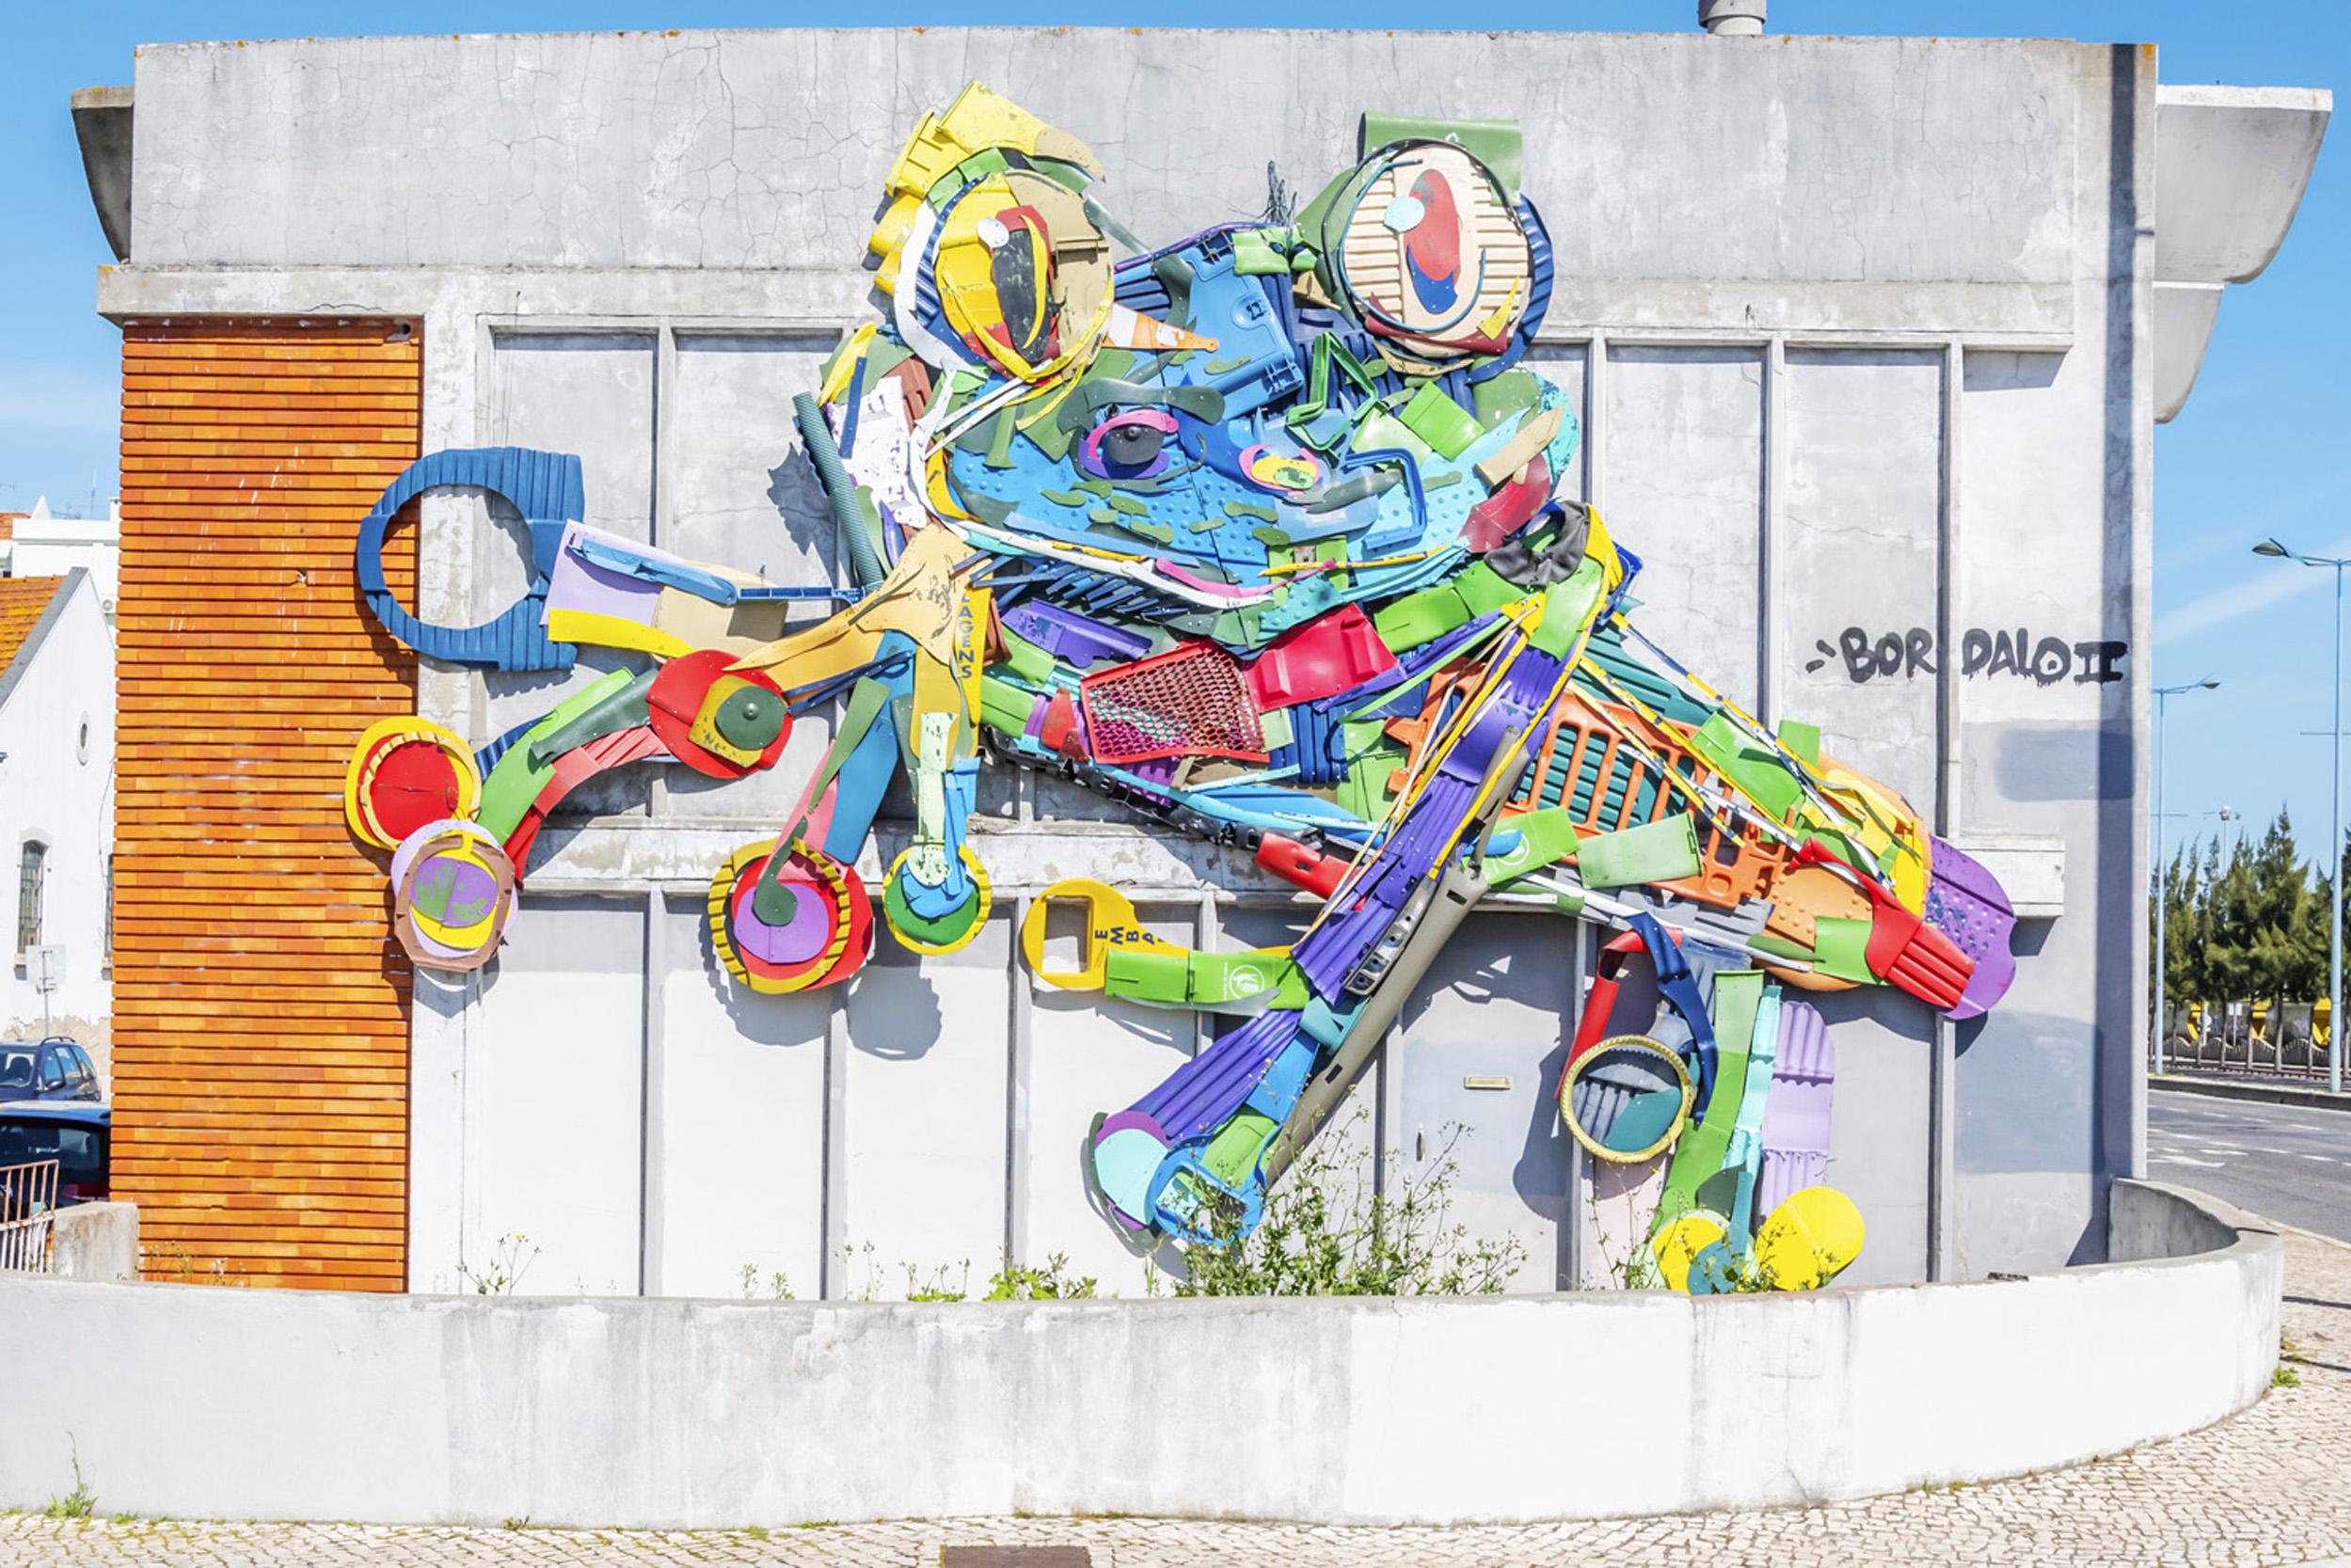 Attero Bordalo II Frog